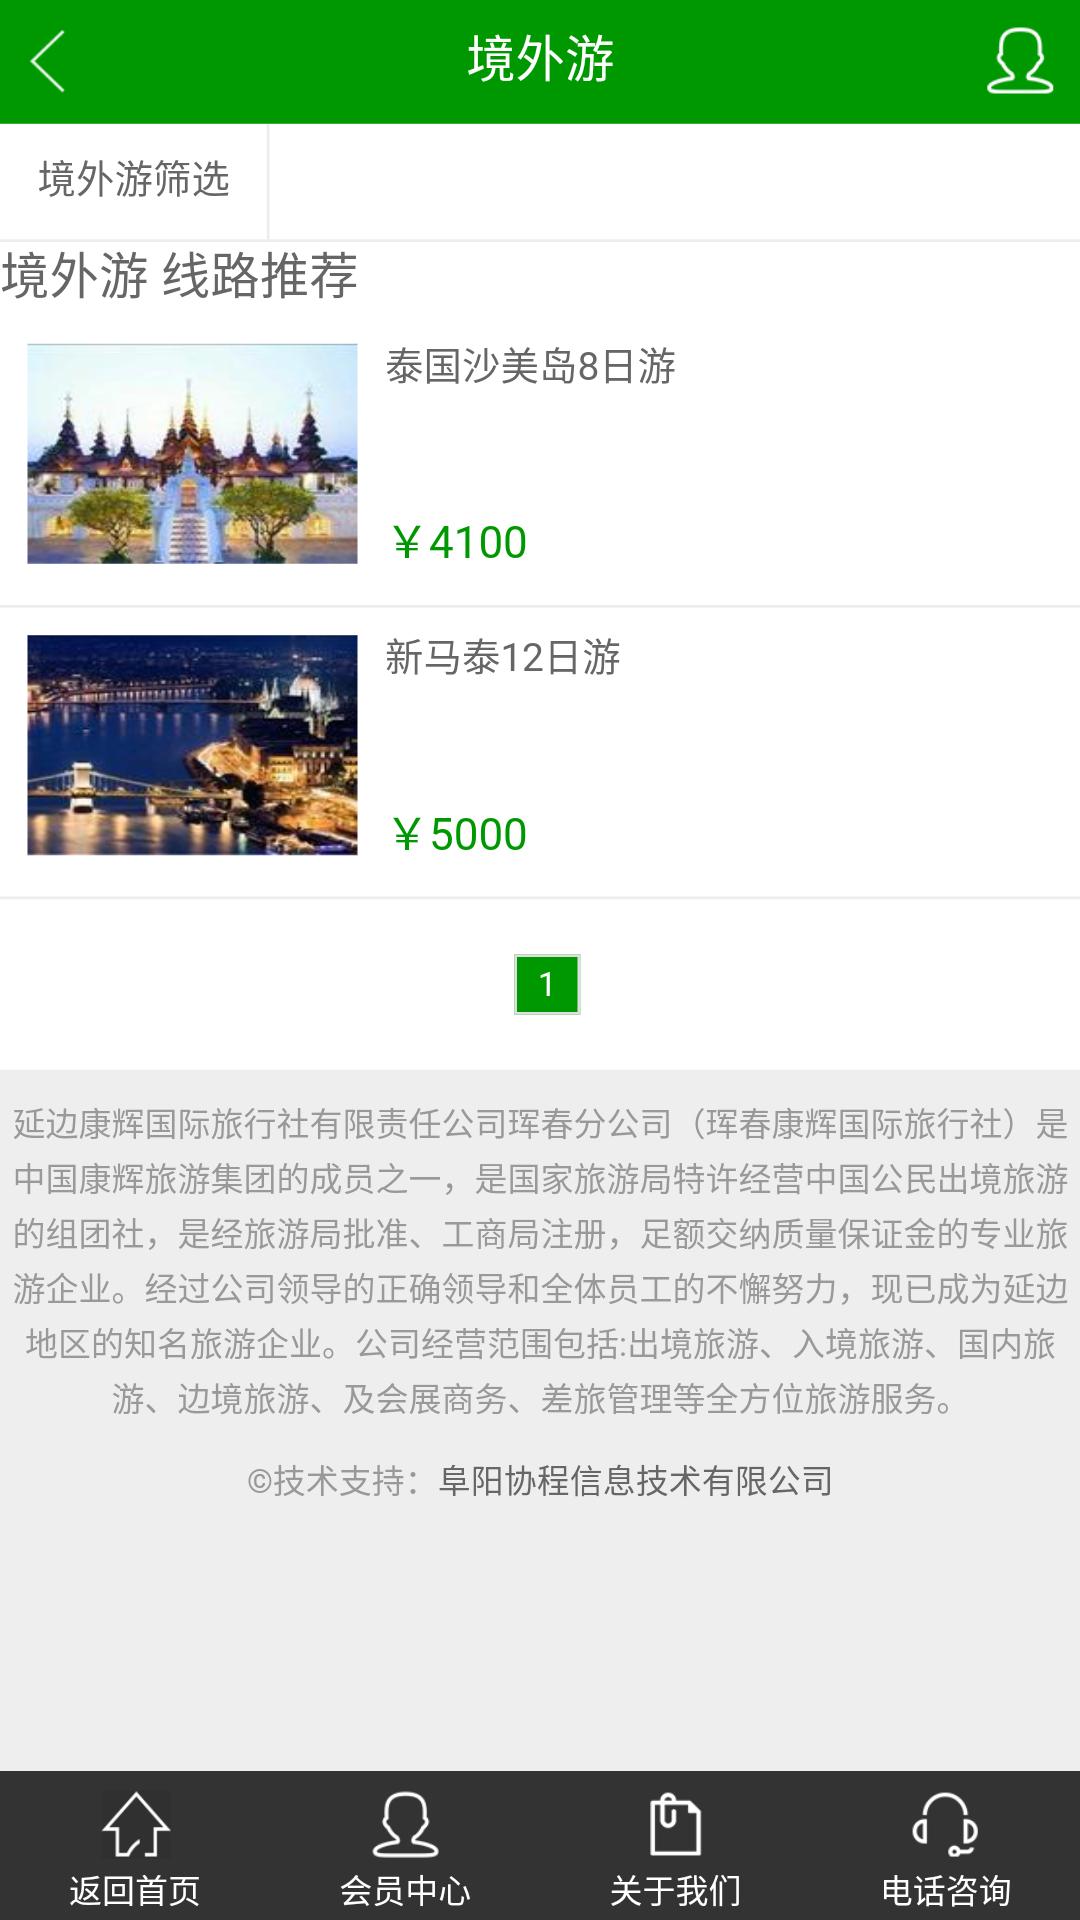 珲春旅行社-应用截图